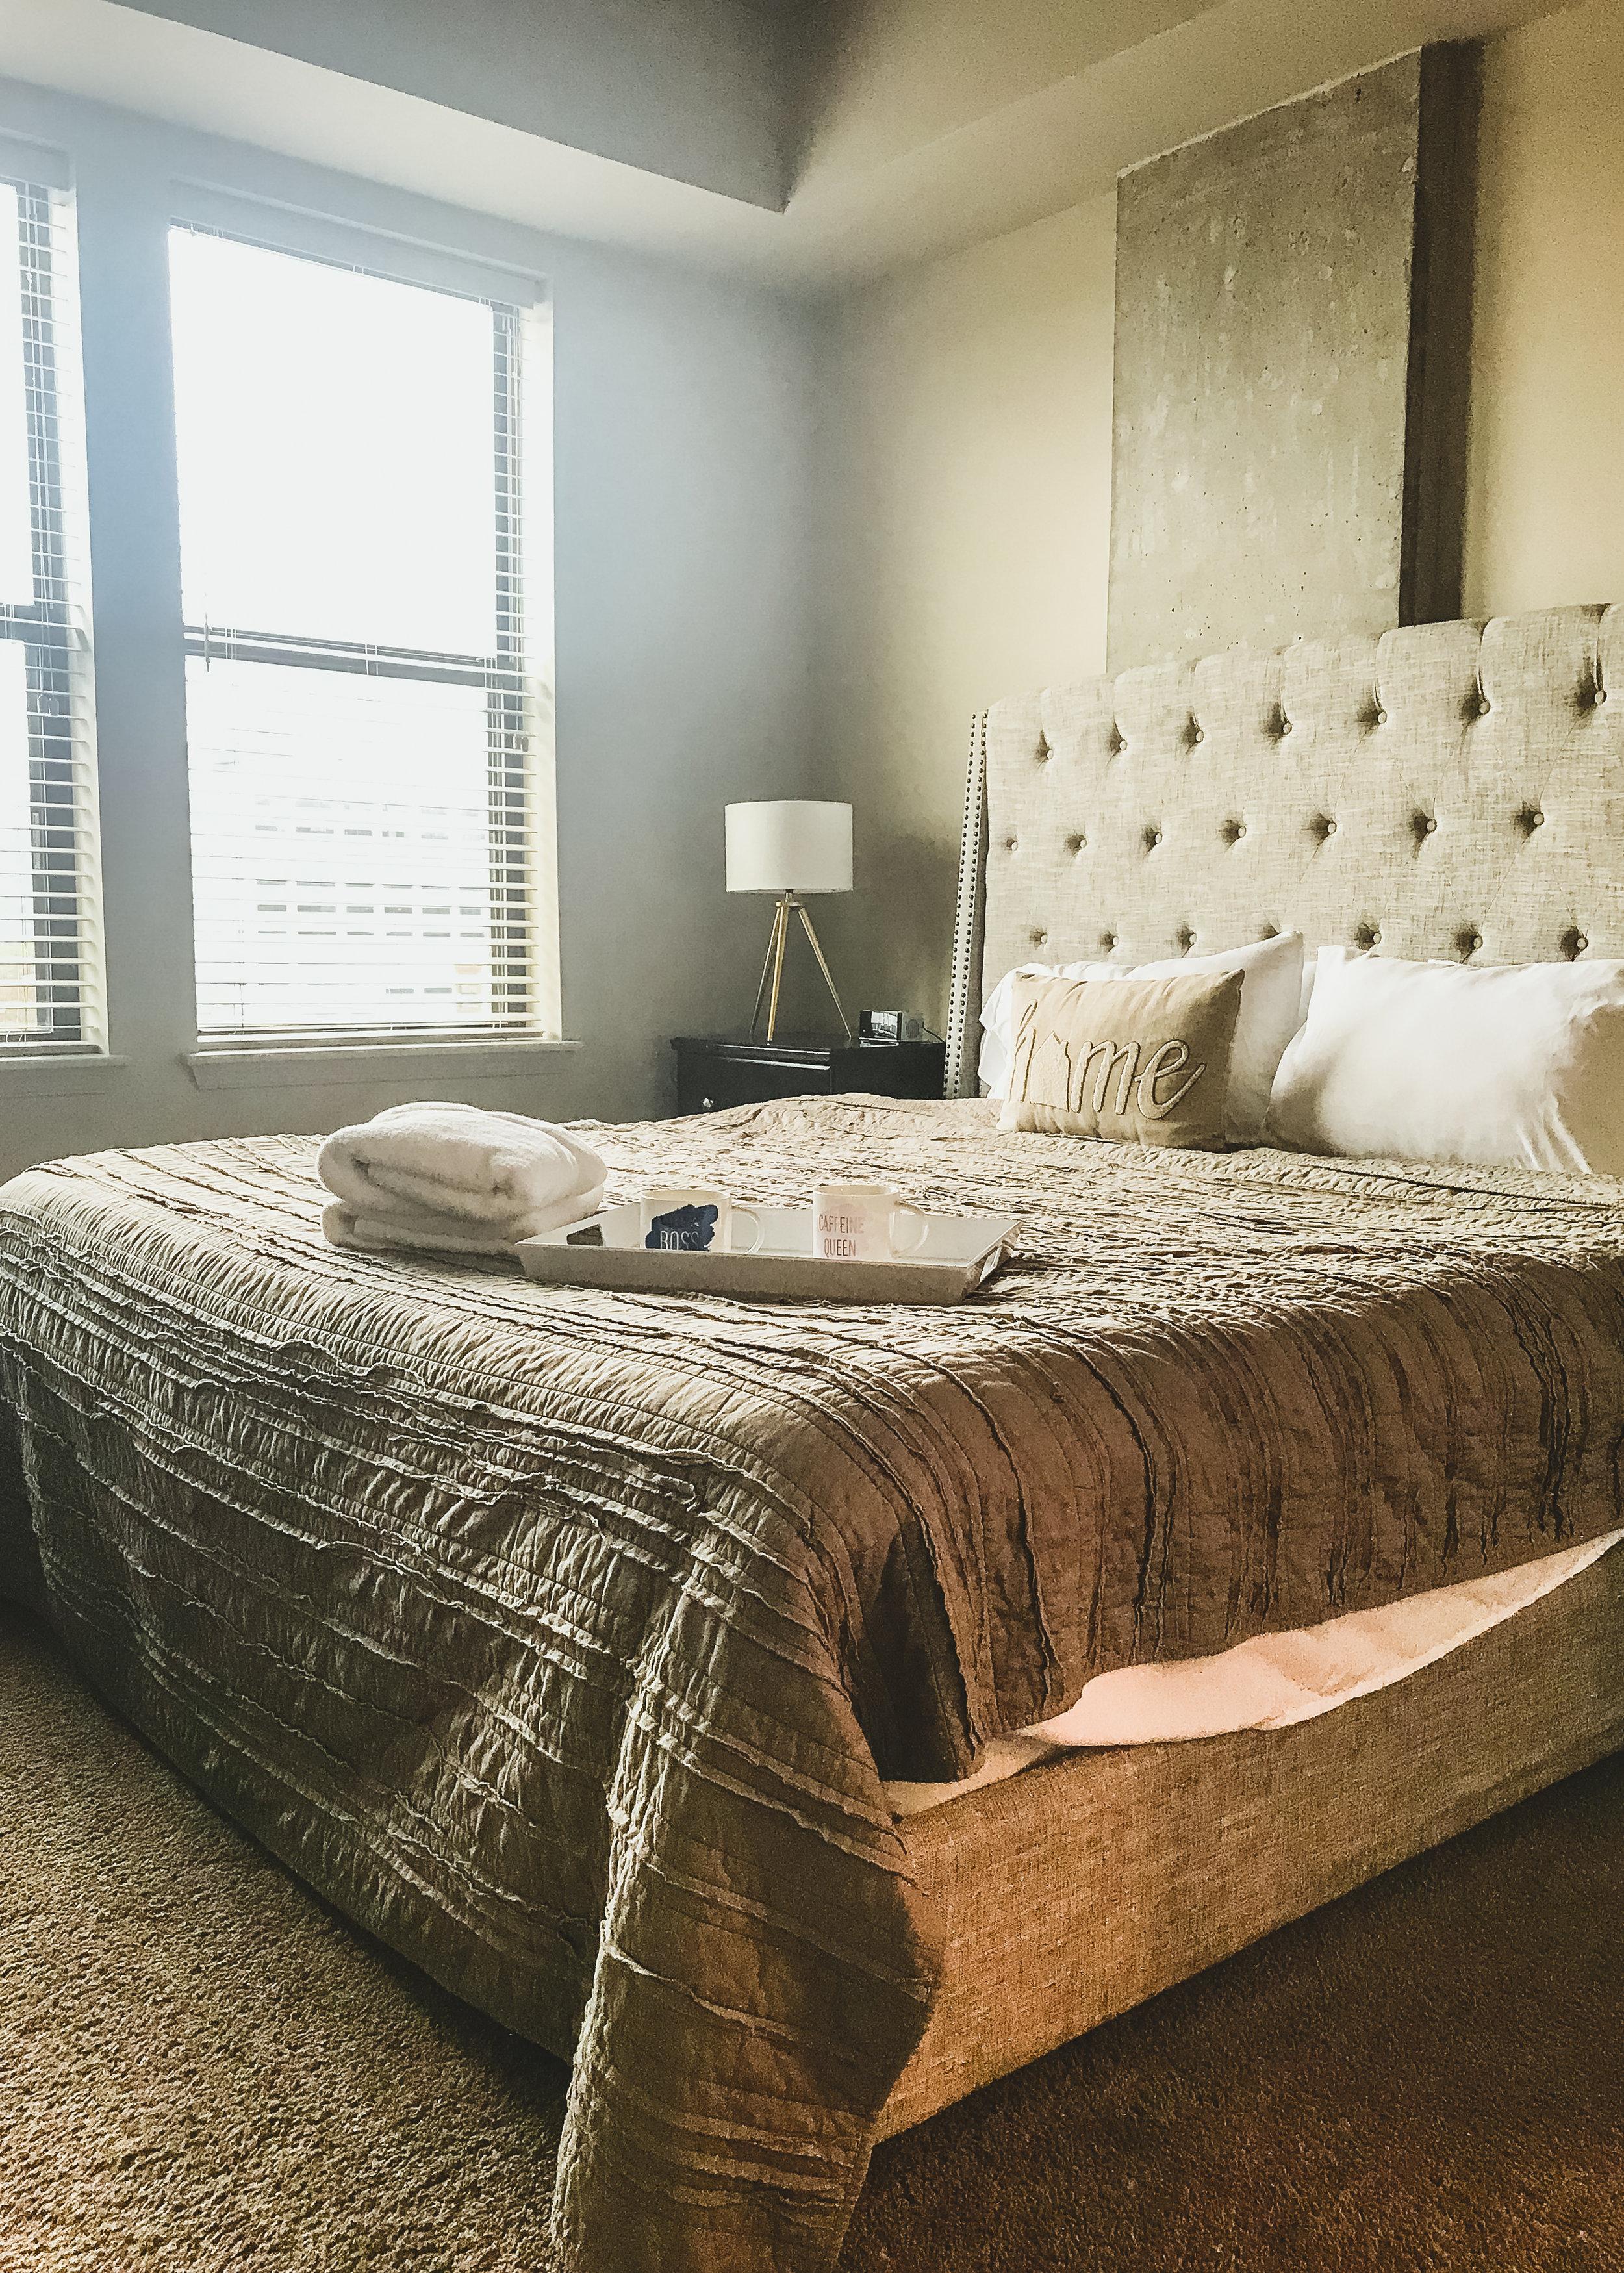 LSS Nashville Airbnb 2